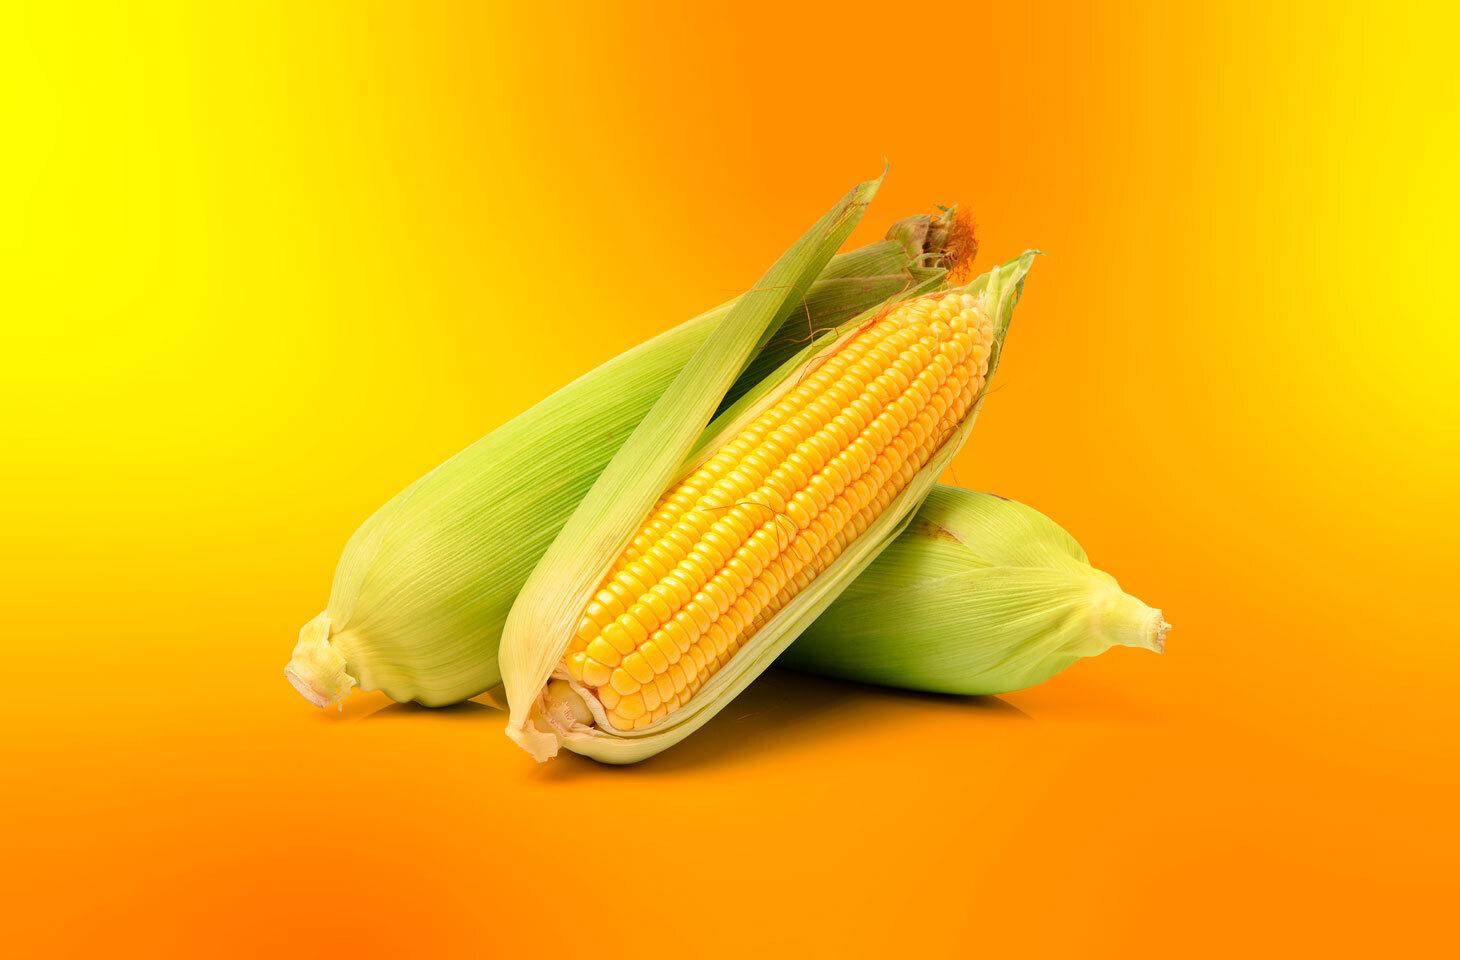 La sécurité du matériel agricole à la DEF CON 29 | Blog officiel de Kaspersky